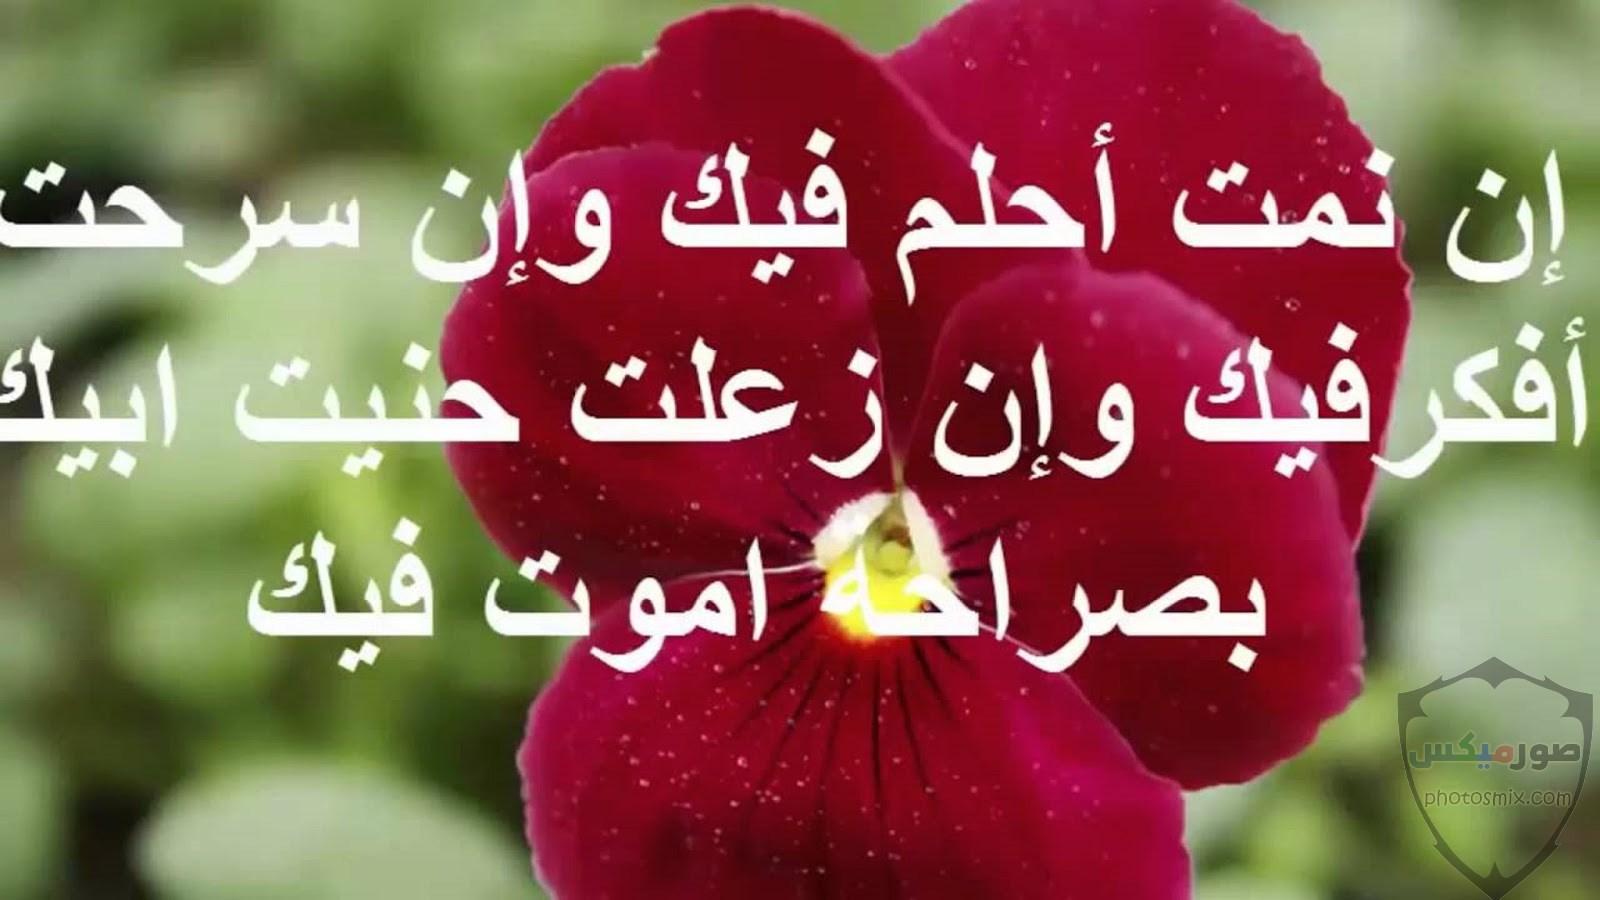 صور عيد الفطر صور برقيات وتهنئة بالعيد الصغير خلفيات فيس بوك وواتس اب بعيد الفطر 2